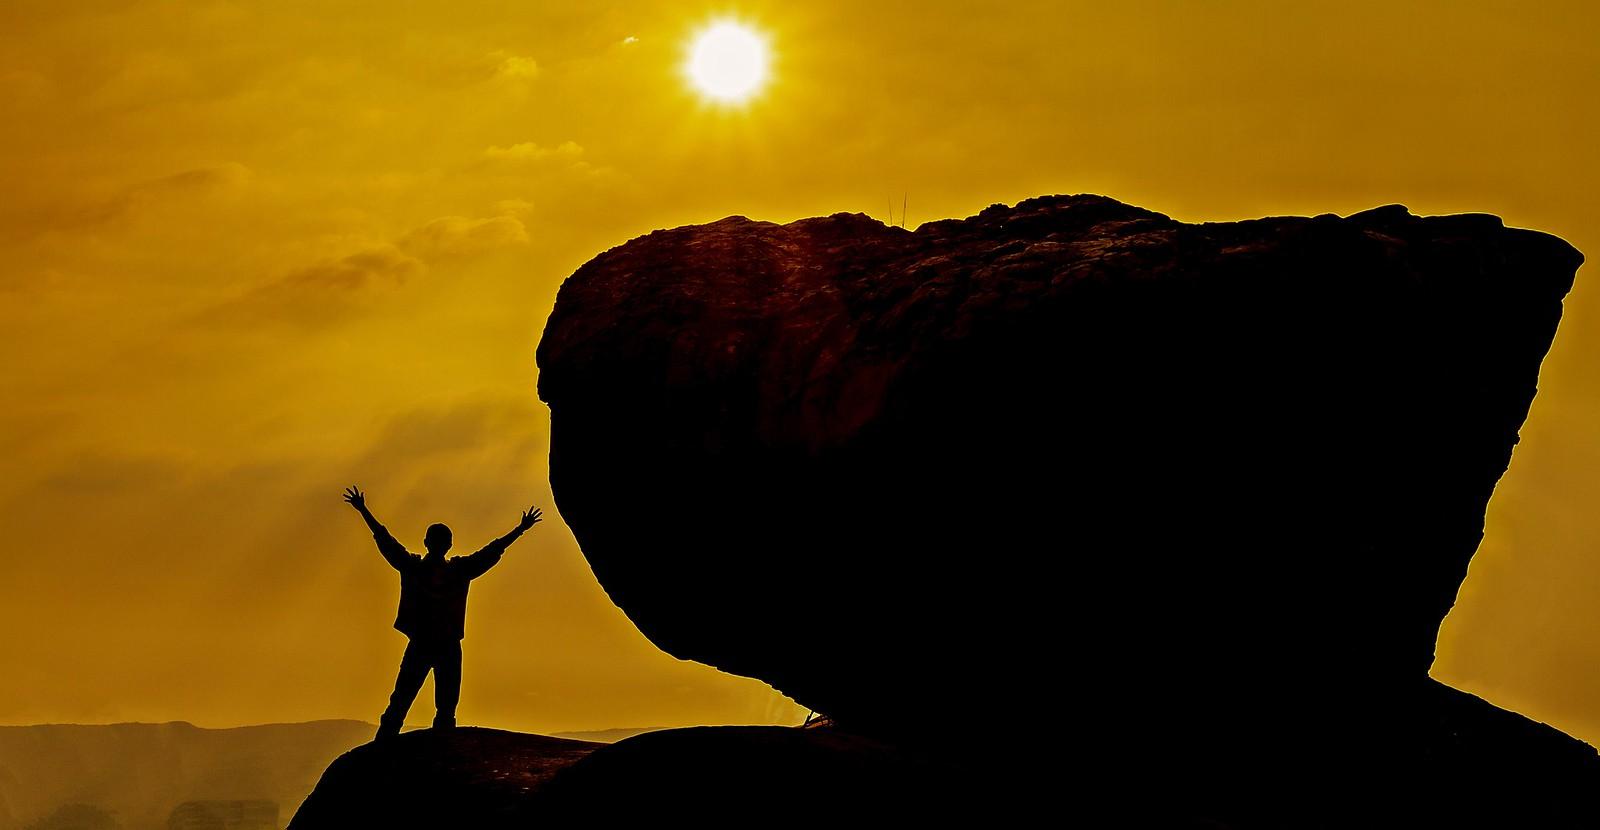 ฮึดสู้ด้วยพลังใจเพื่อชัยชนะในชีวิต